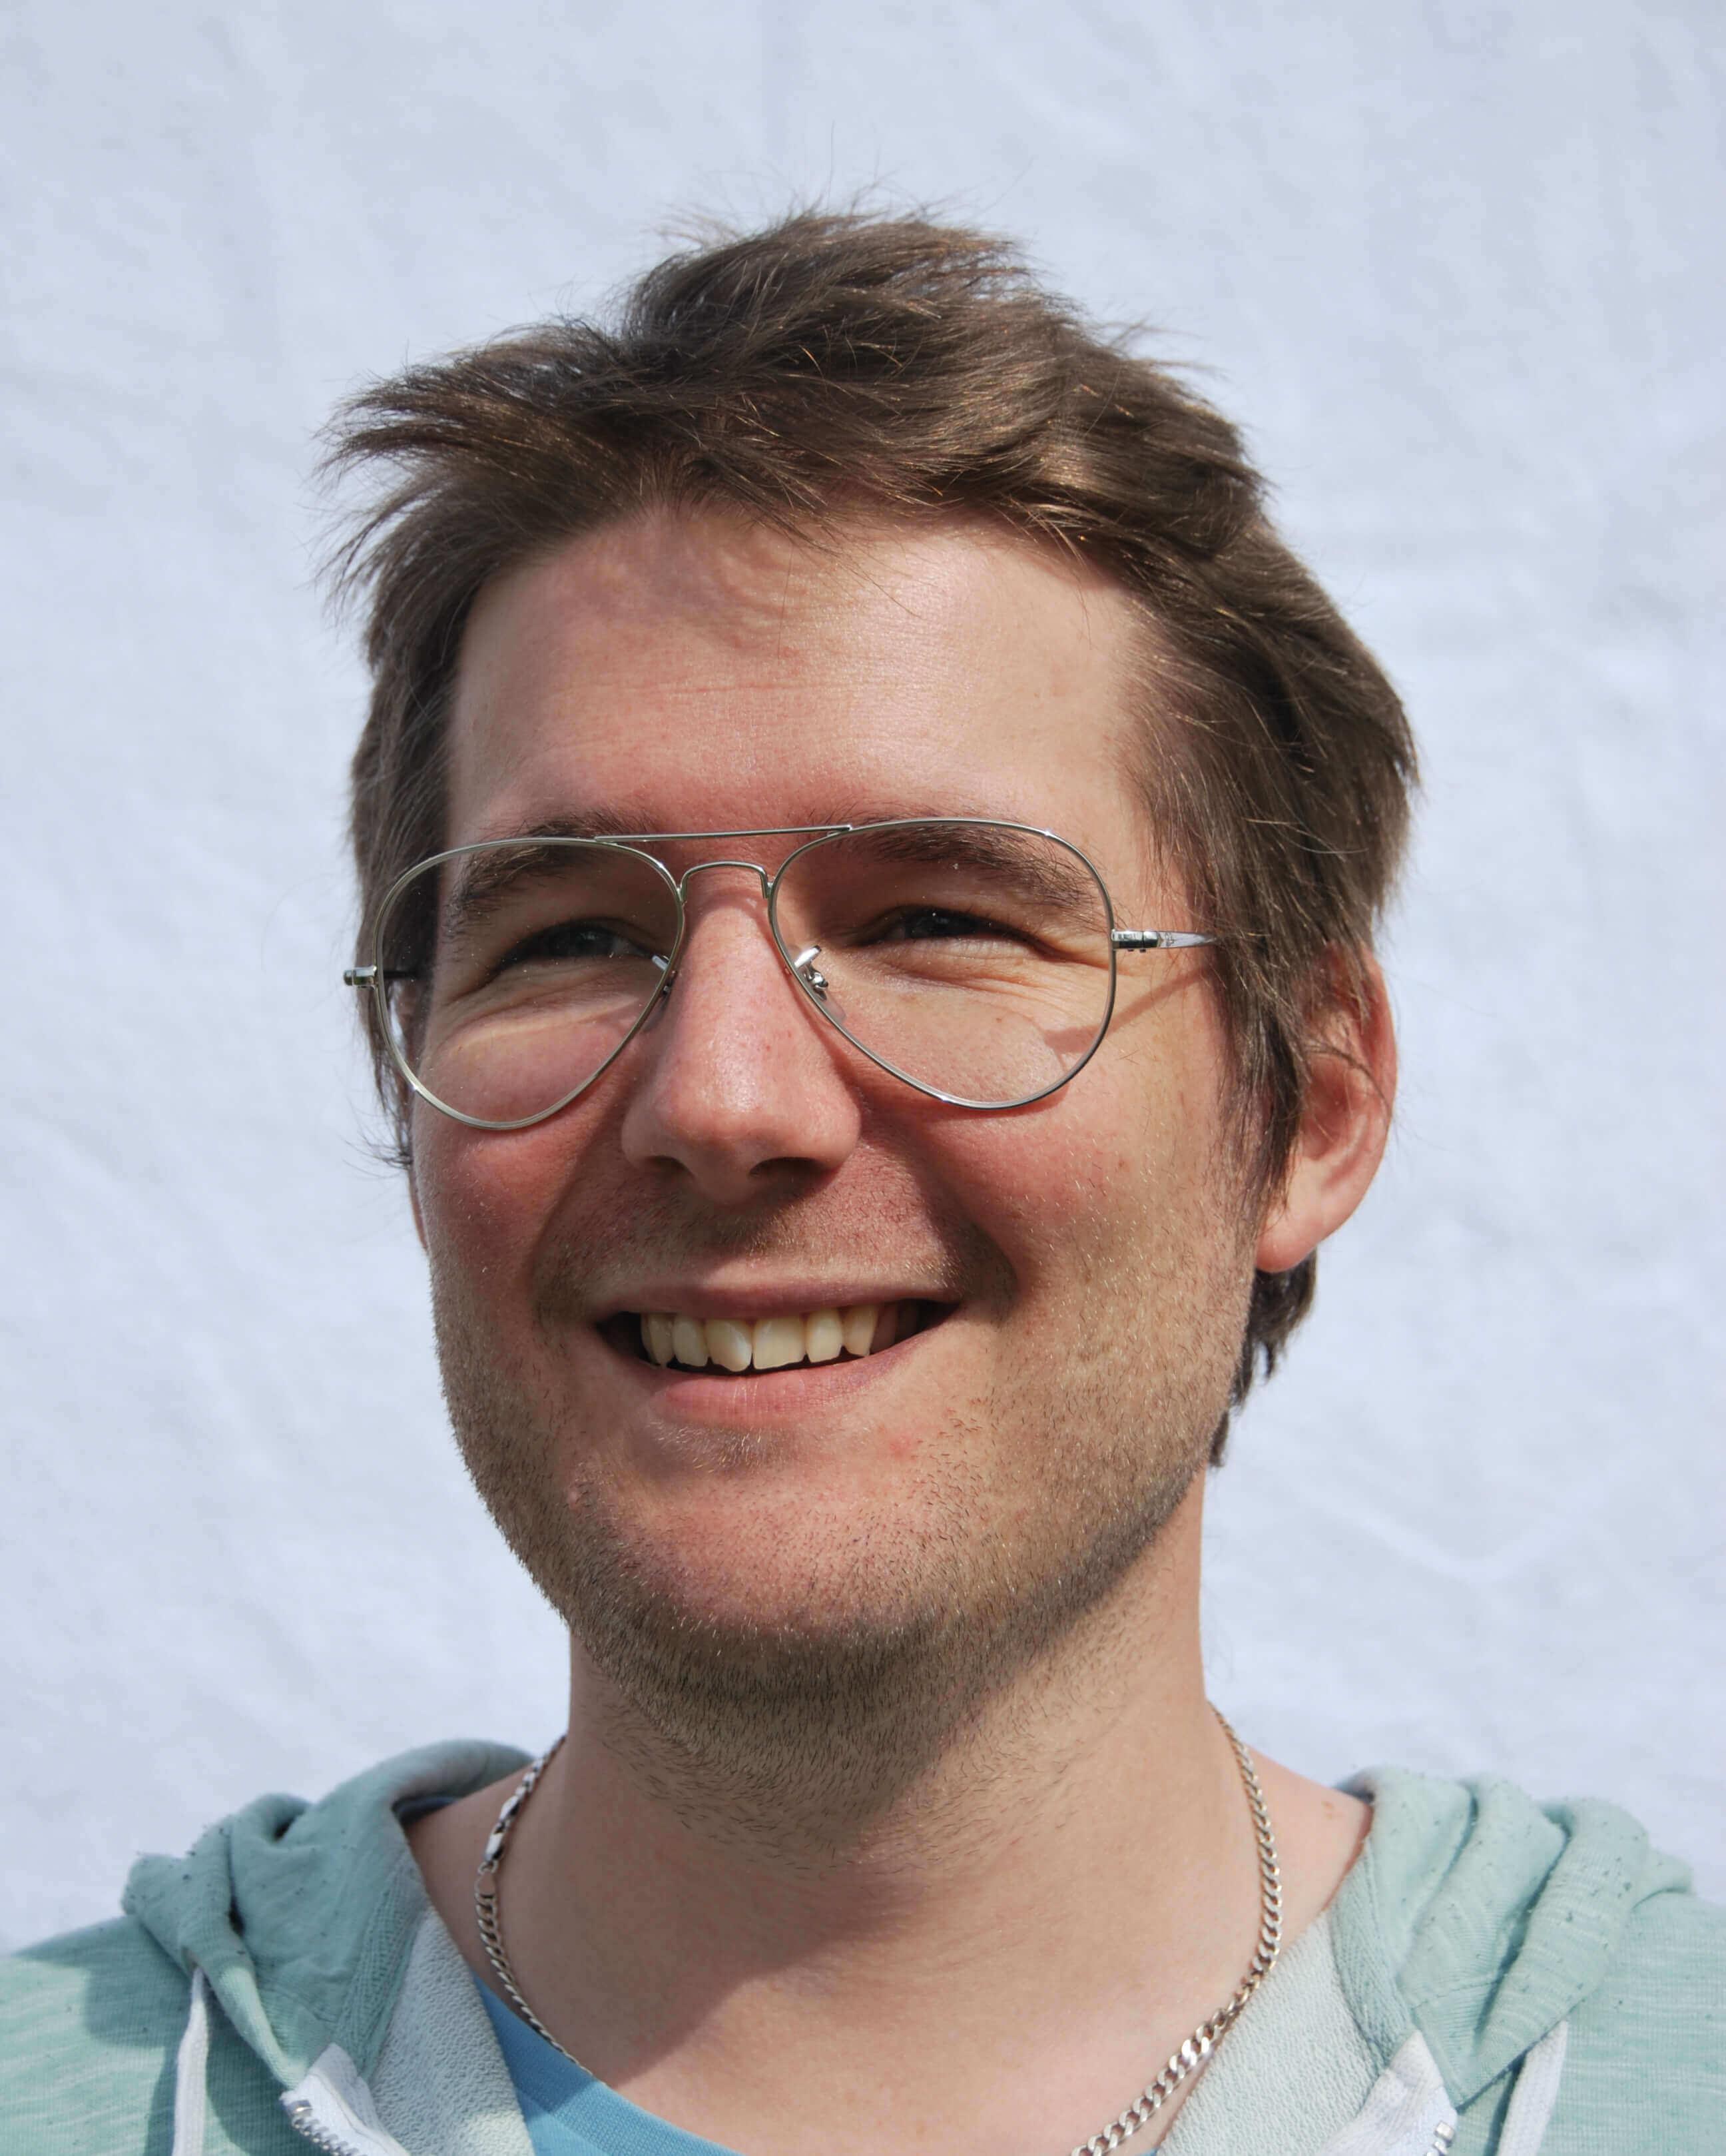 Dan Torberg